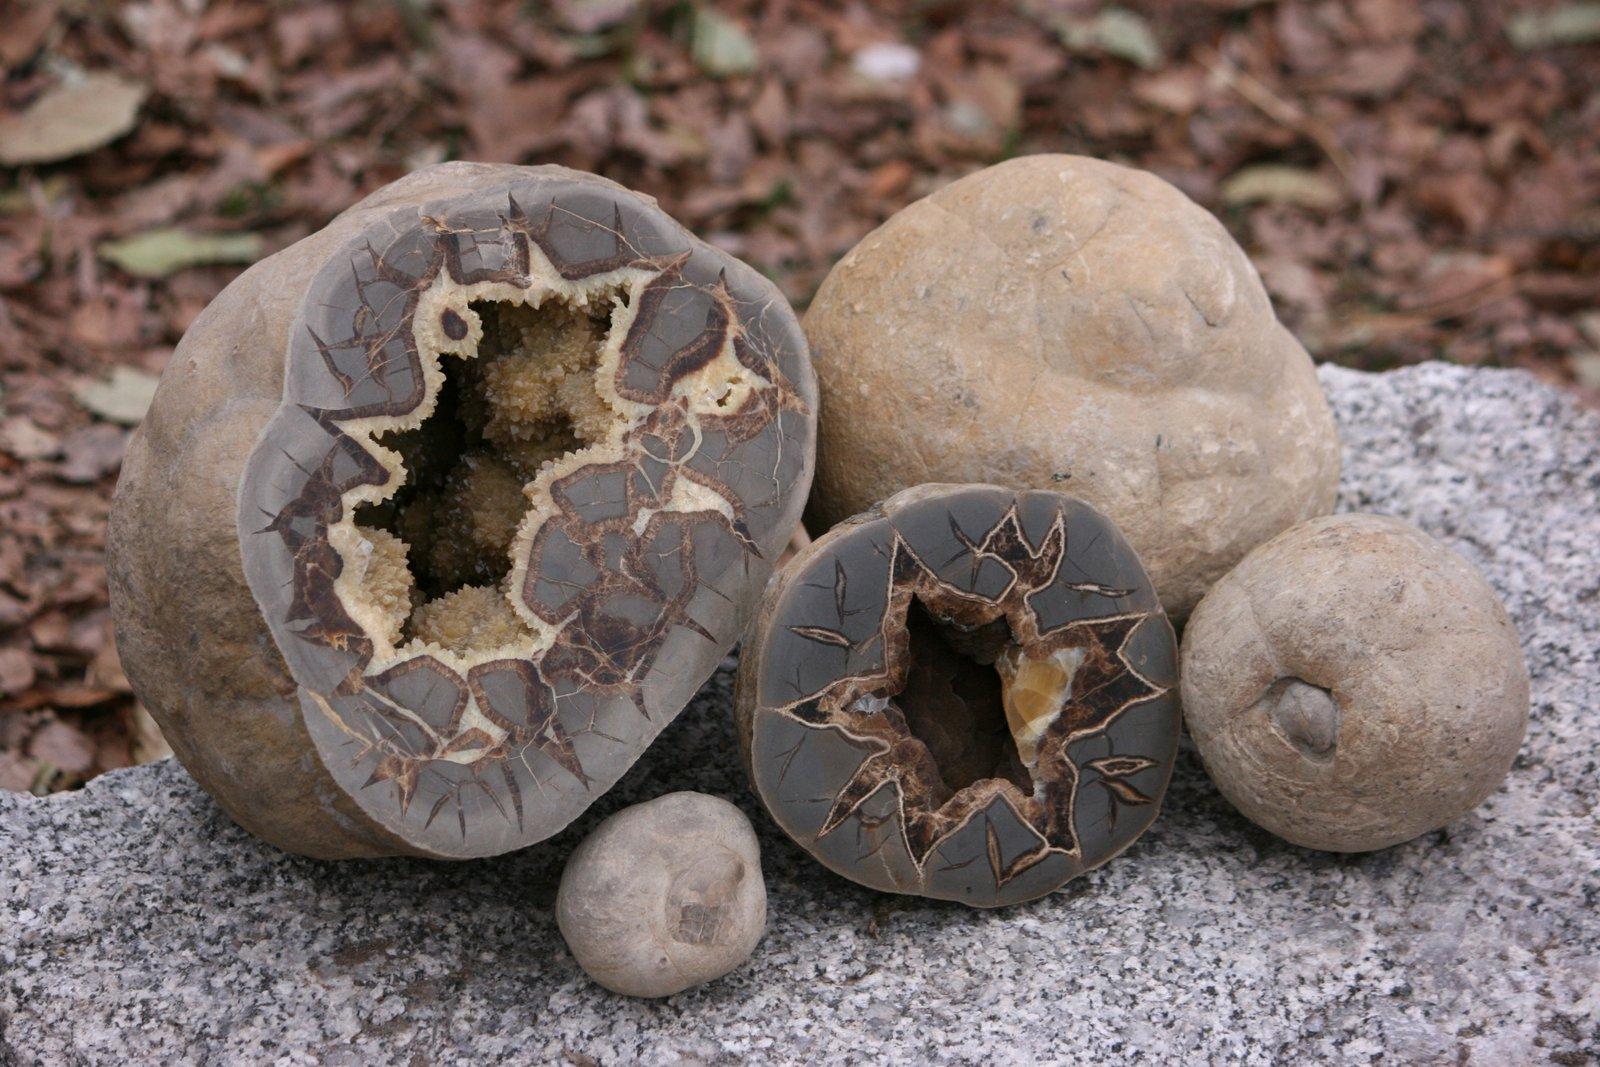 Mt carmel septarian nodules utah antique bottle cliche mt carmel septarian nodules biocorpaavc Gallery